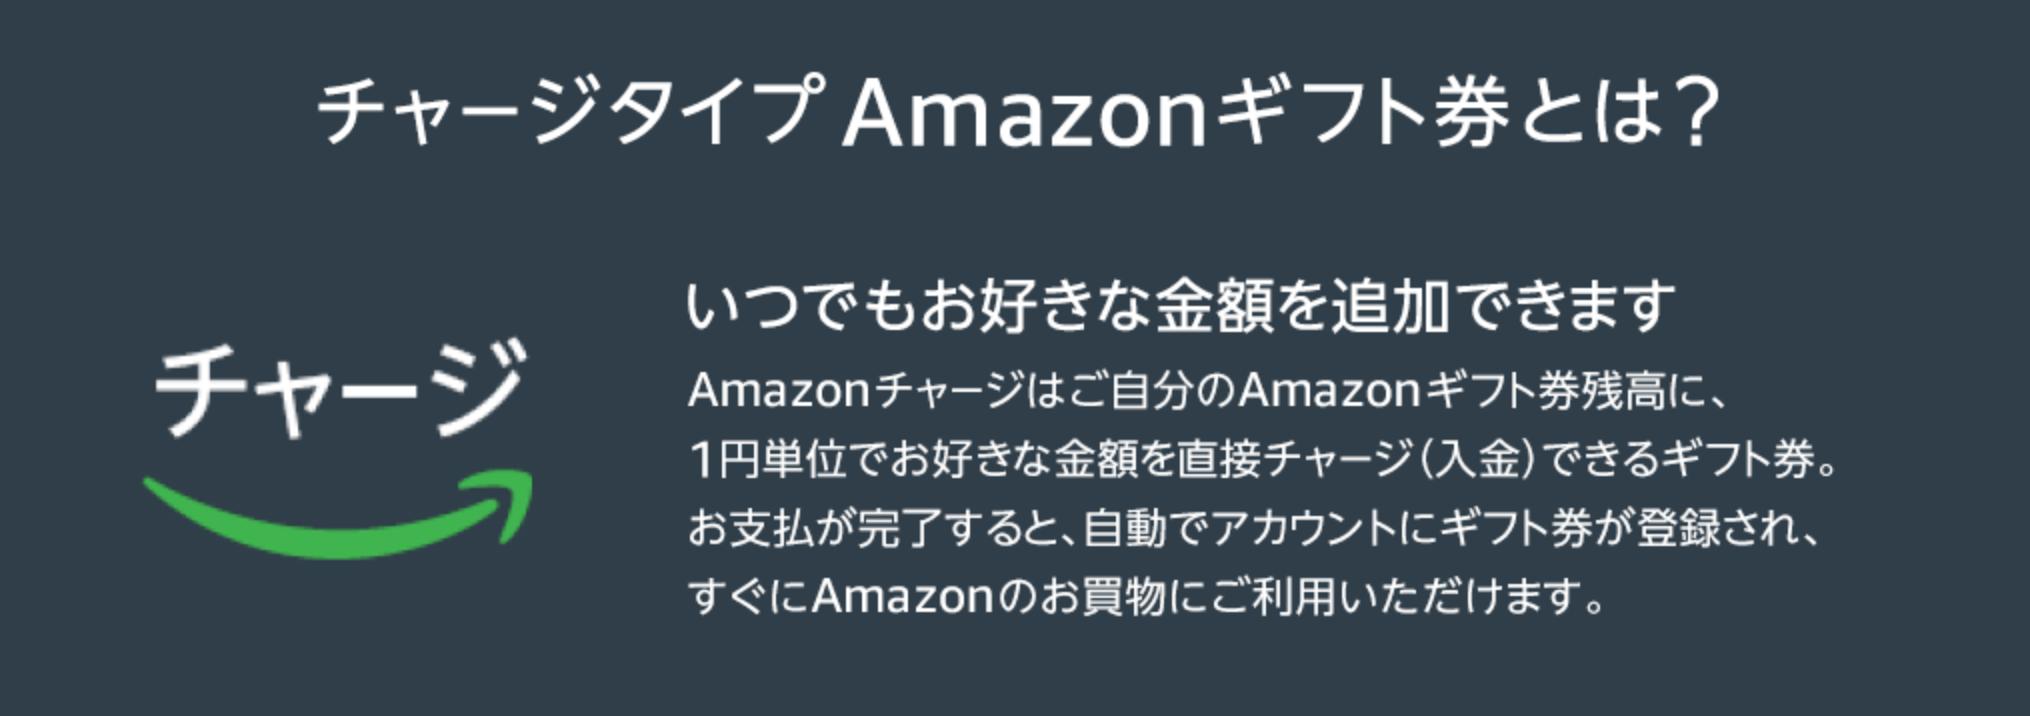 アマゾンチャージタイプ